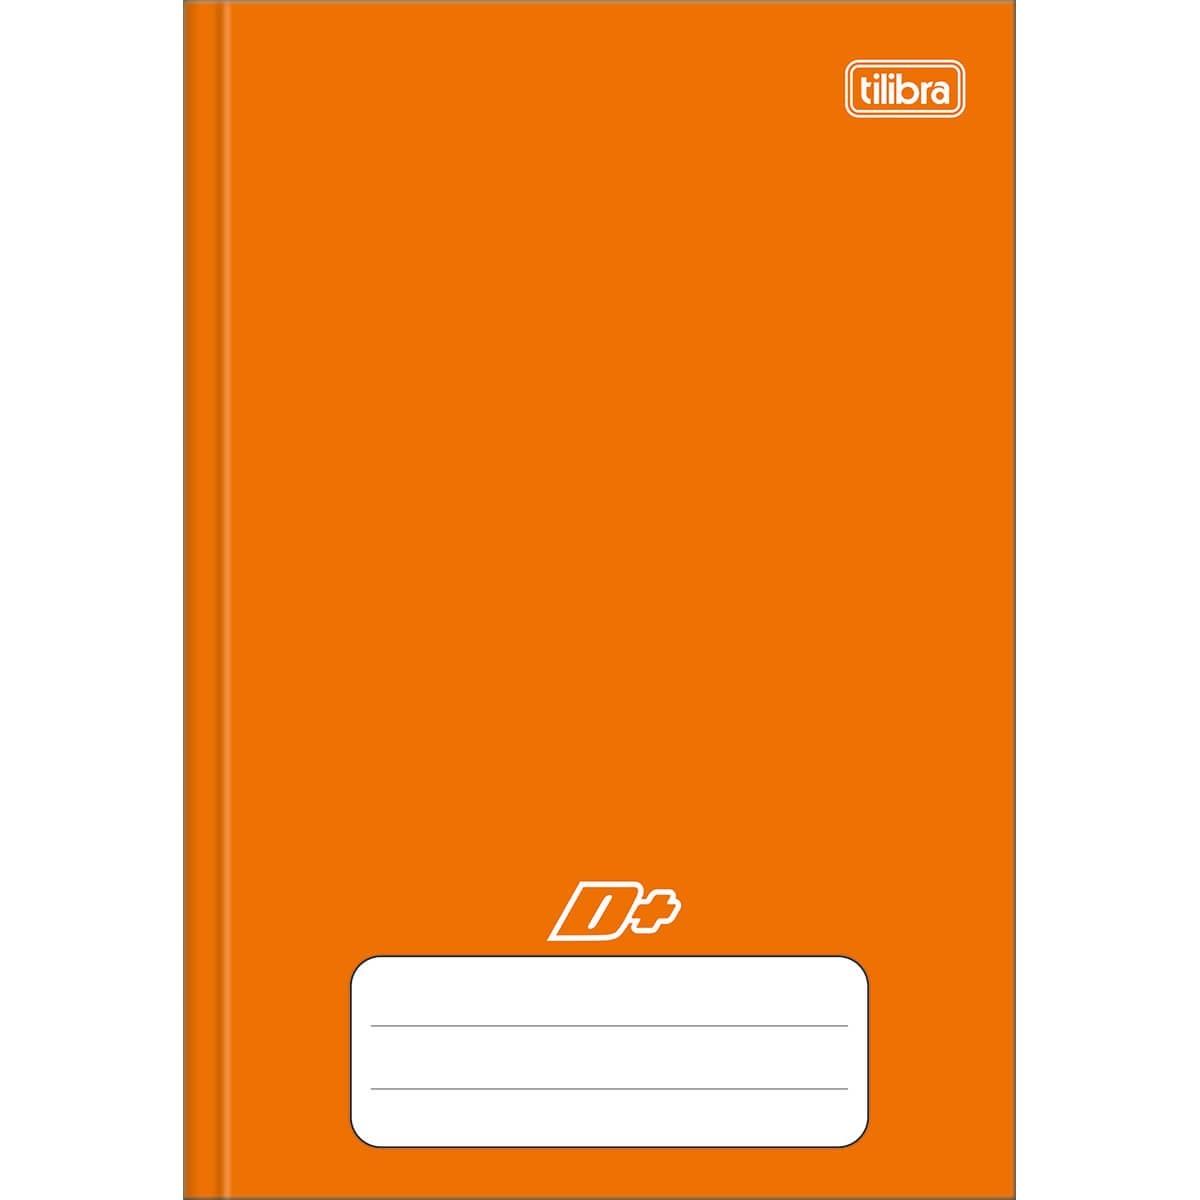 Caderno Brochura Capa Dura 1/4 D+ Laranja 96 Folhas